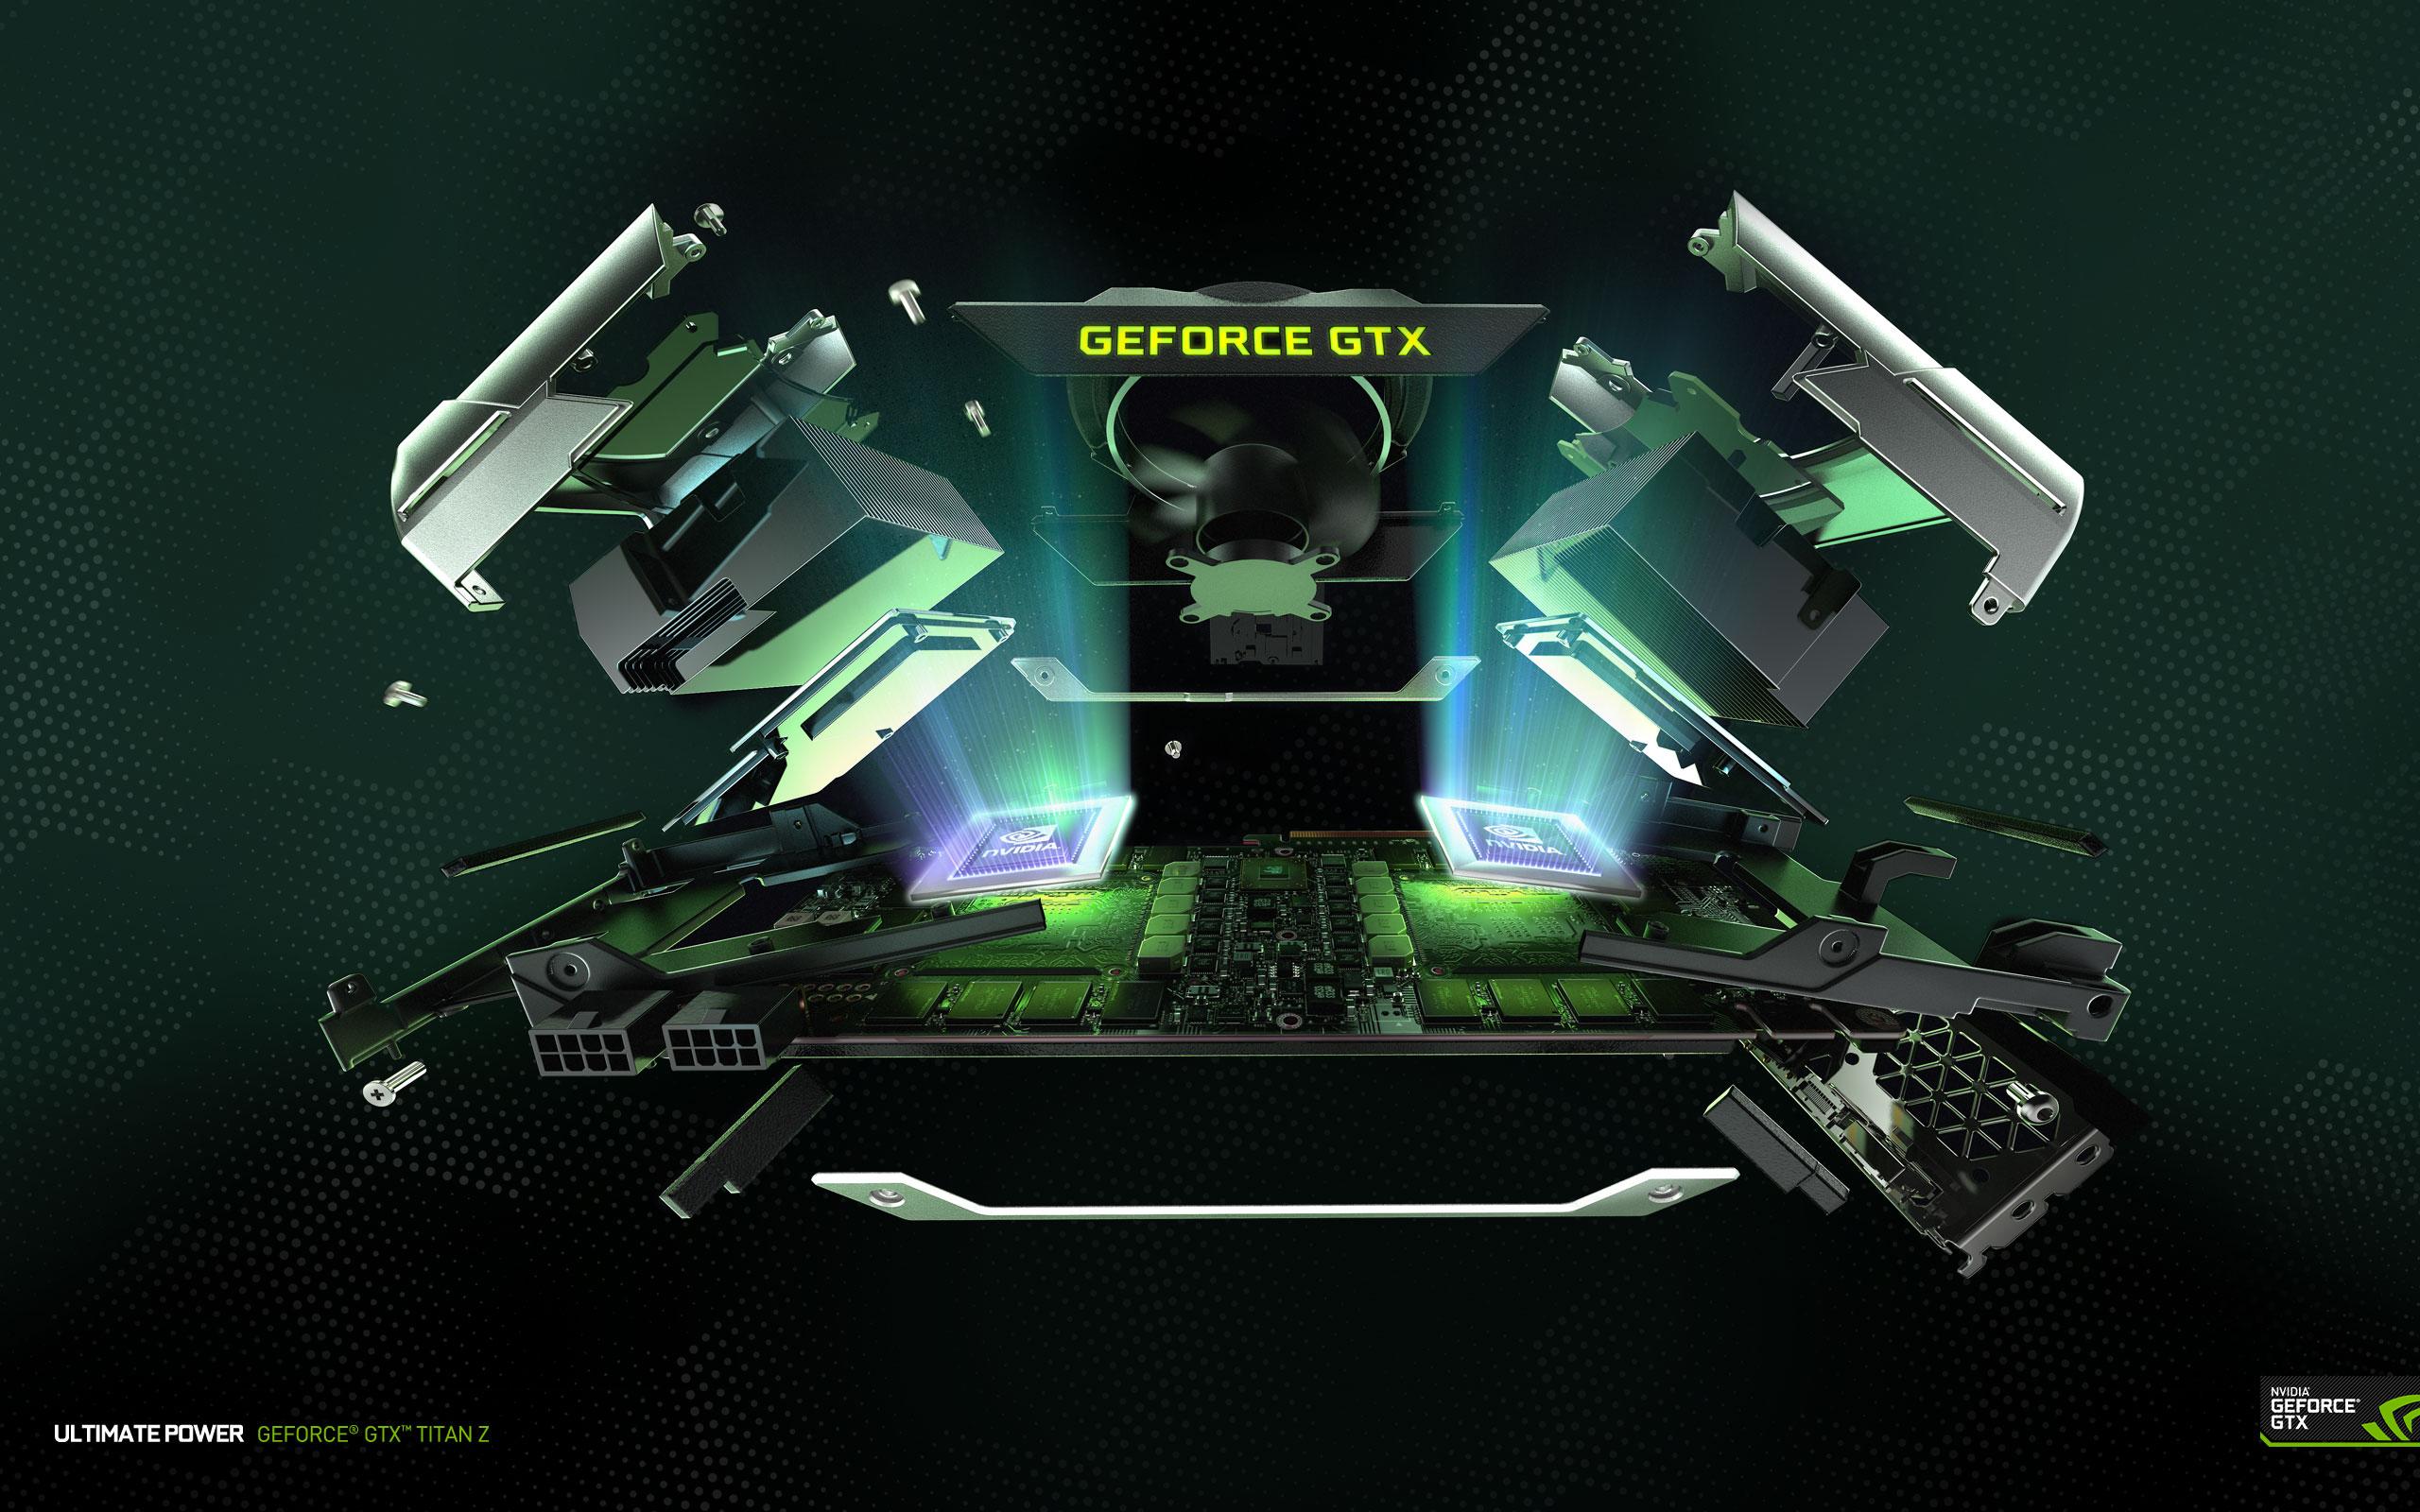 Download GeForce GTX TITAN Z Wallpapers GeForce